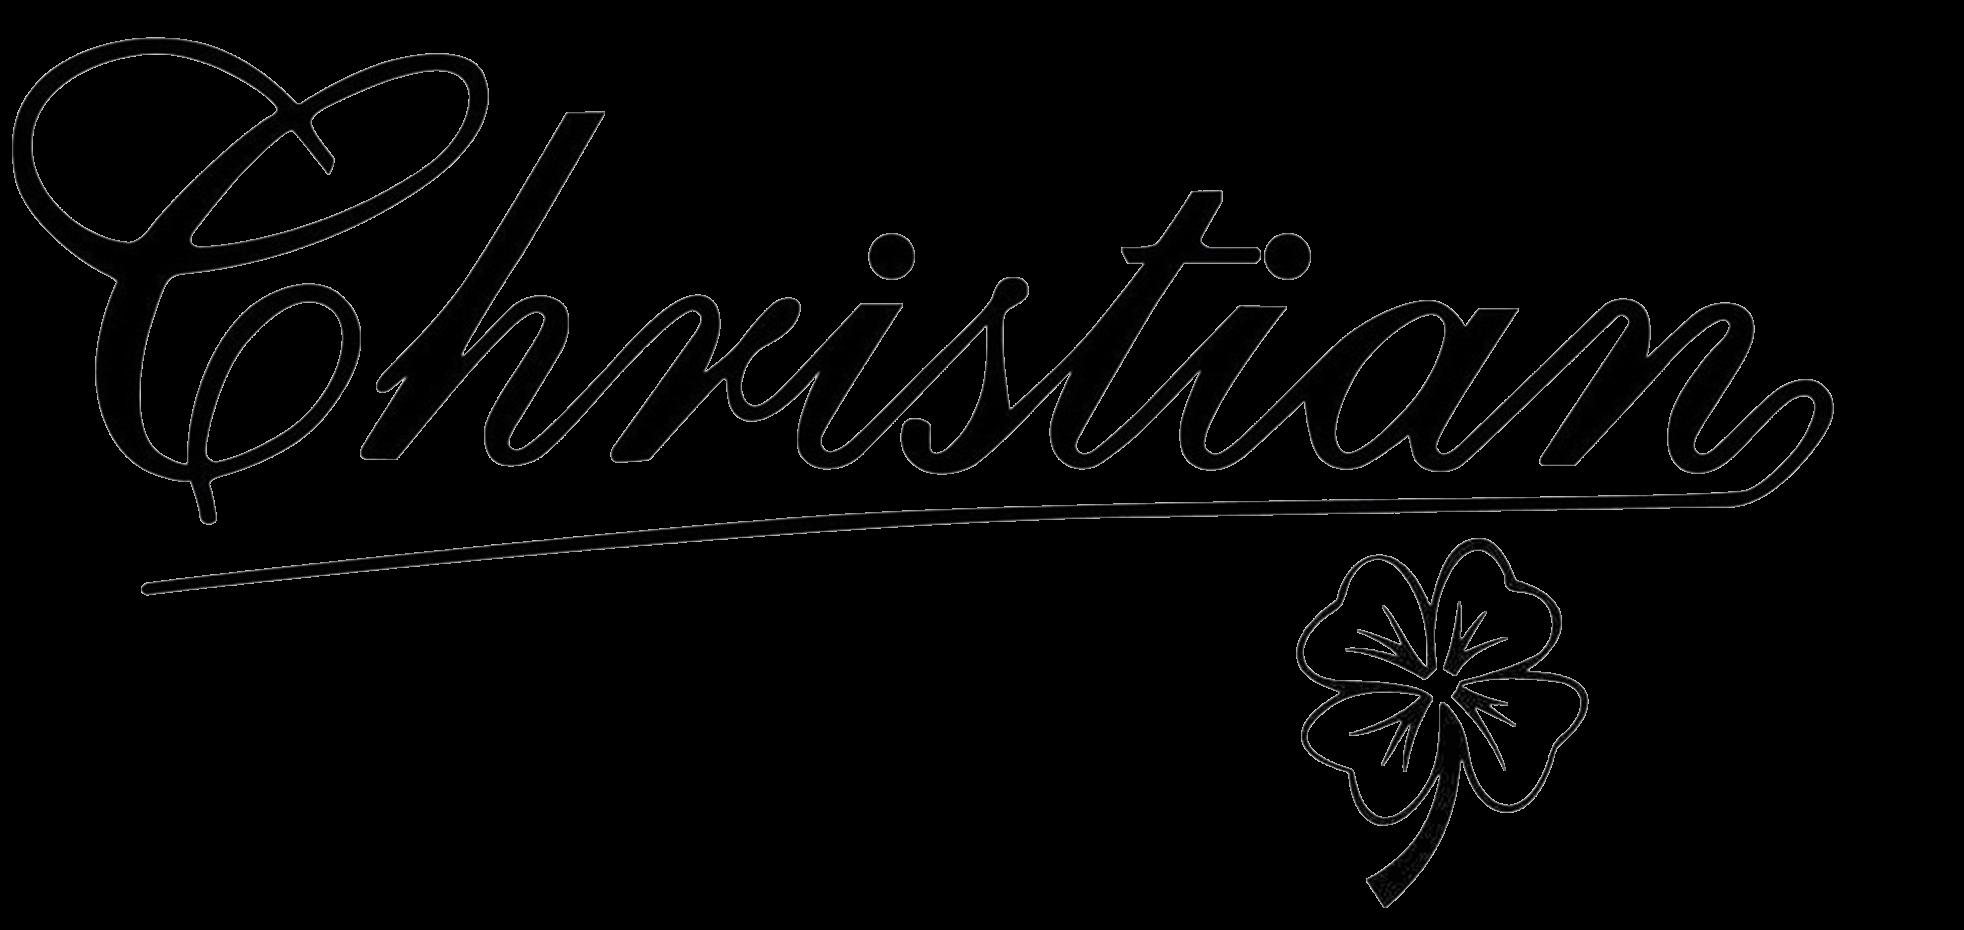 Diseños Christian